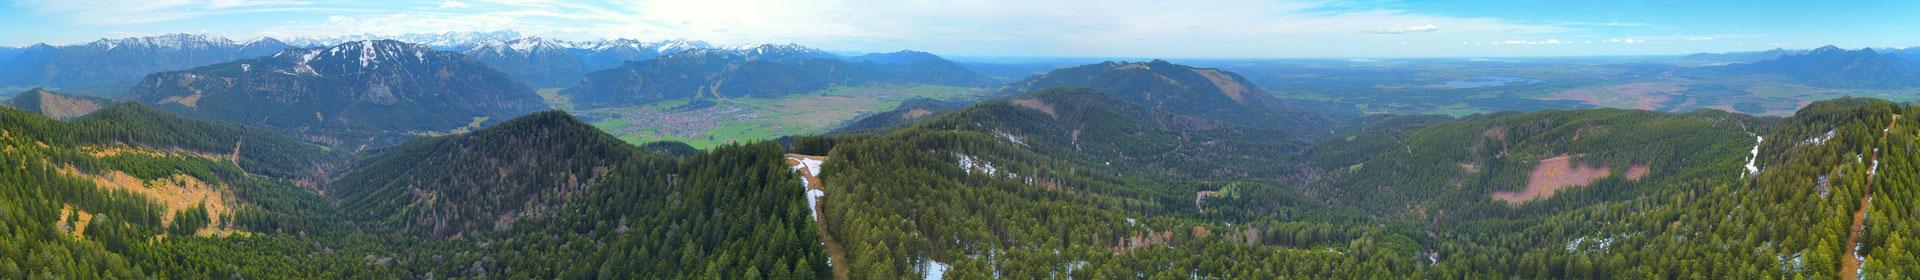 Panorama - Drohnenfoto - Landschaft - Bayern - Berge - Alpen - Sommer - Ausflug - Wanderung - Oberammergau 360 Grad